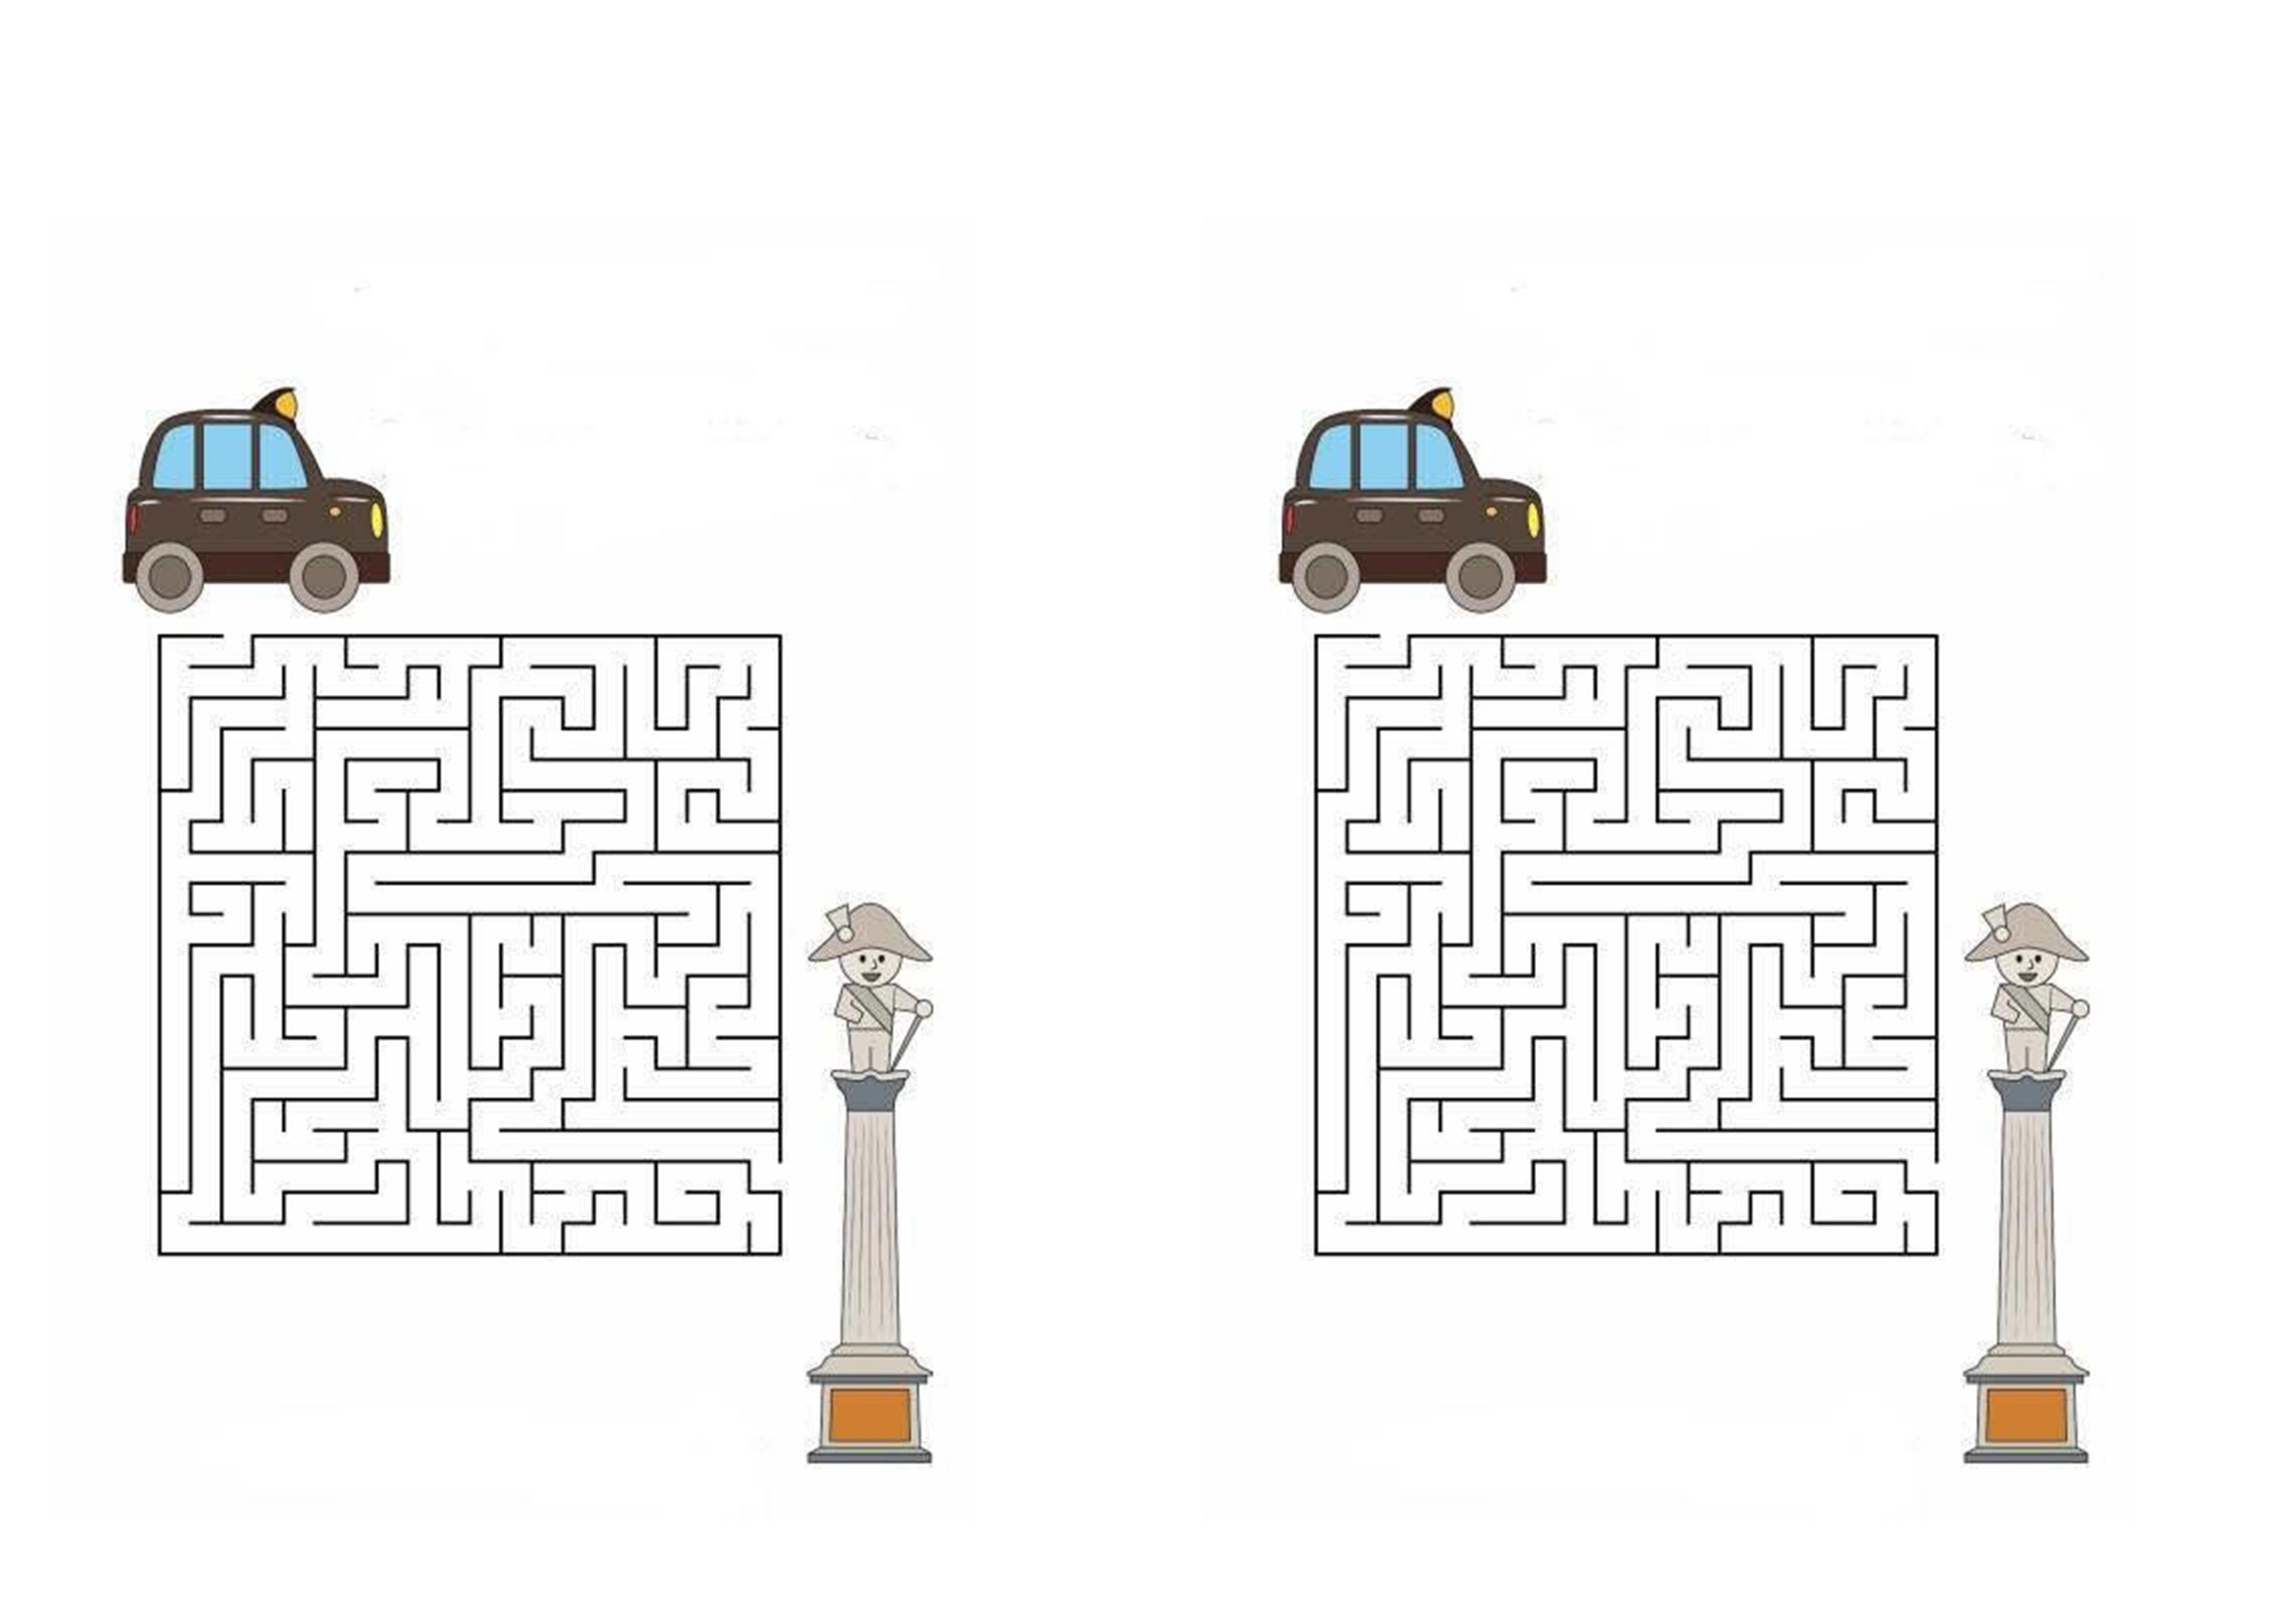 lapbook royaume-uni jeux